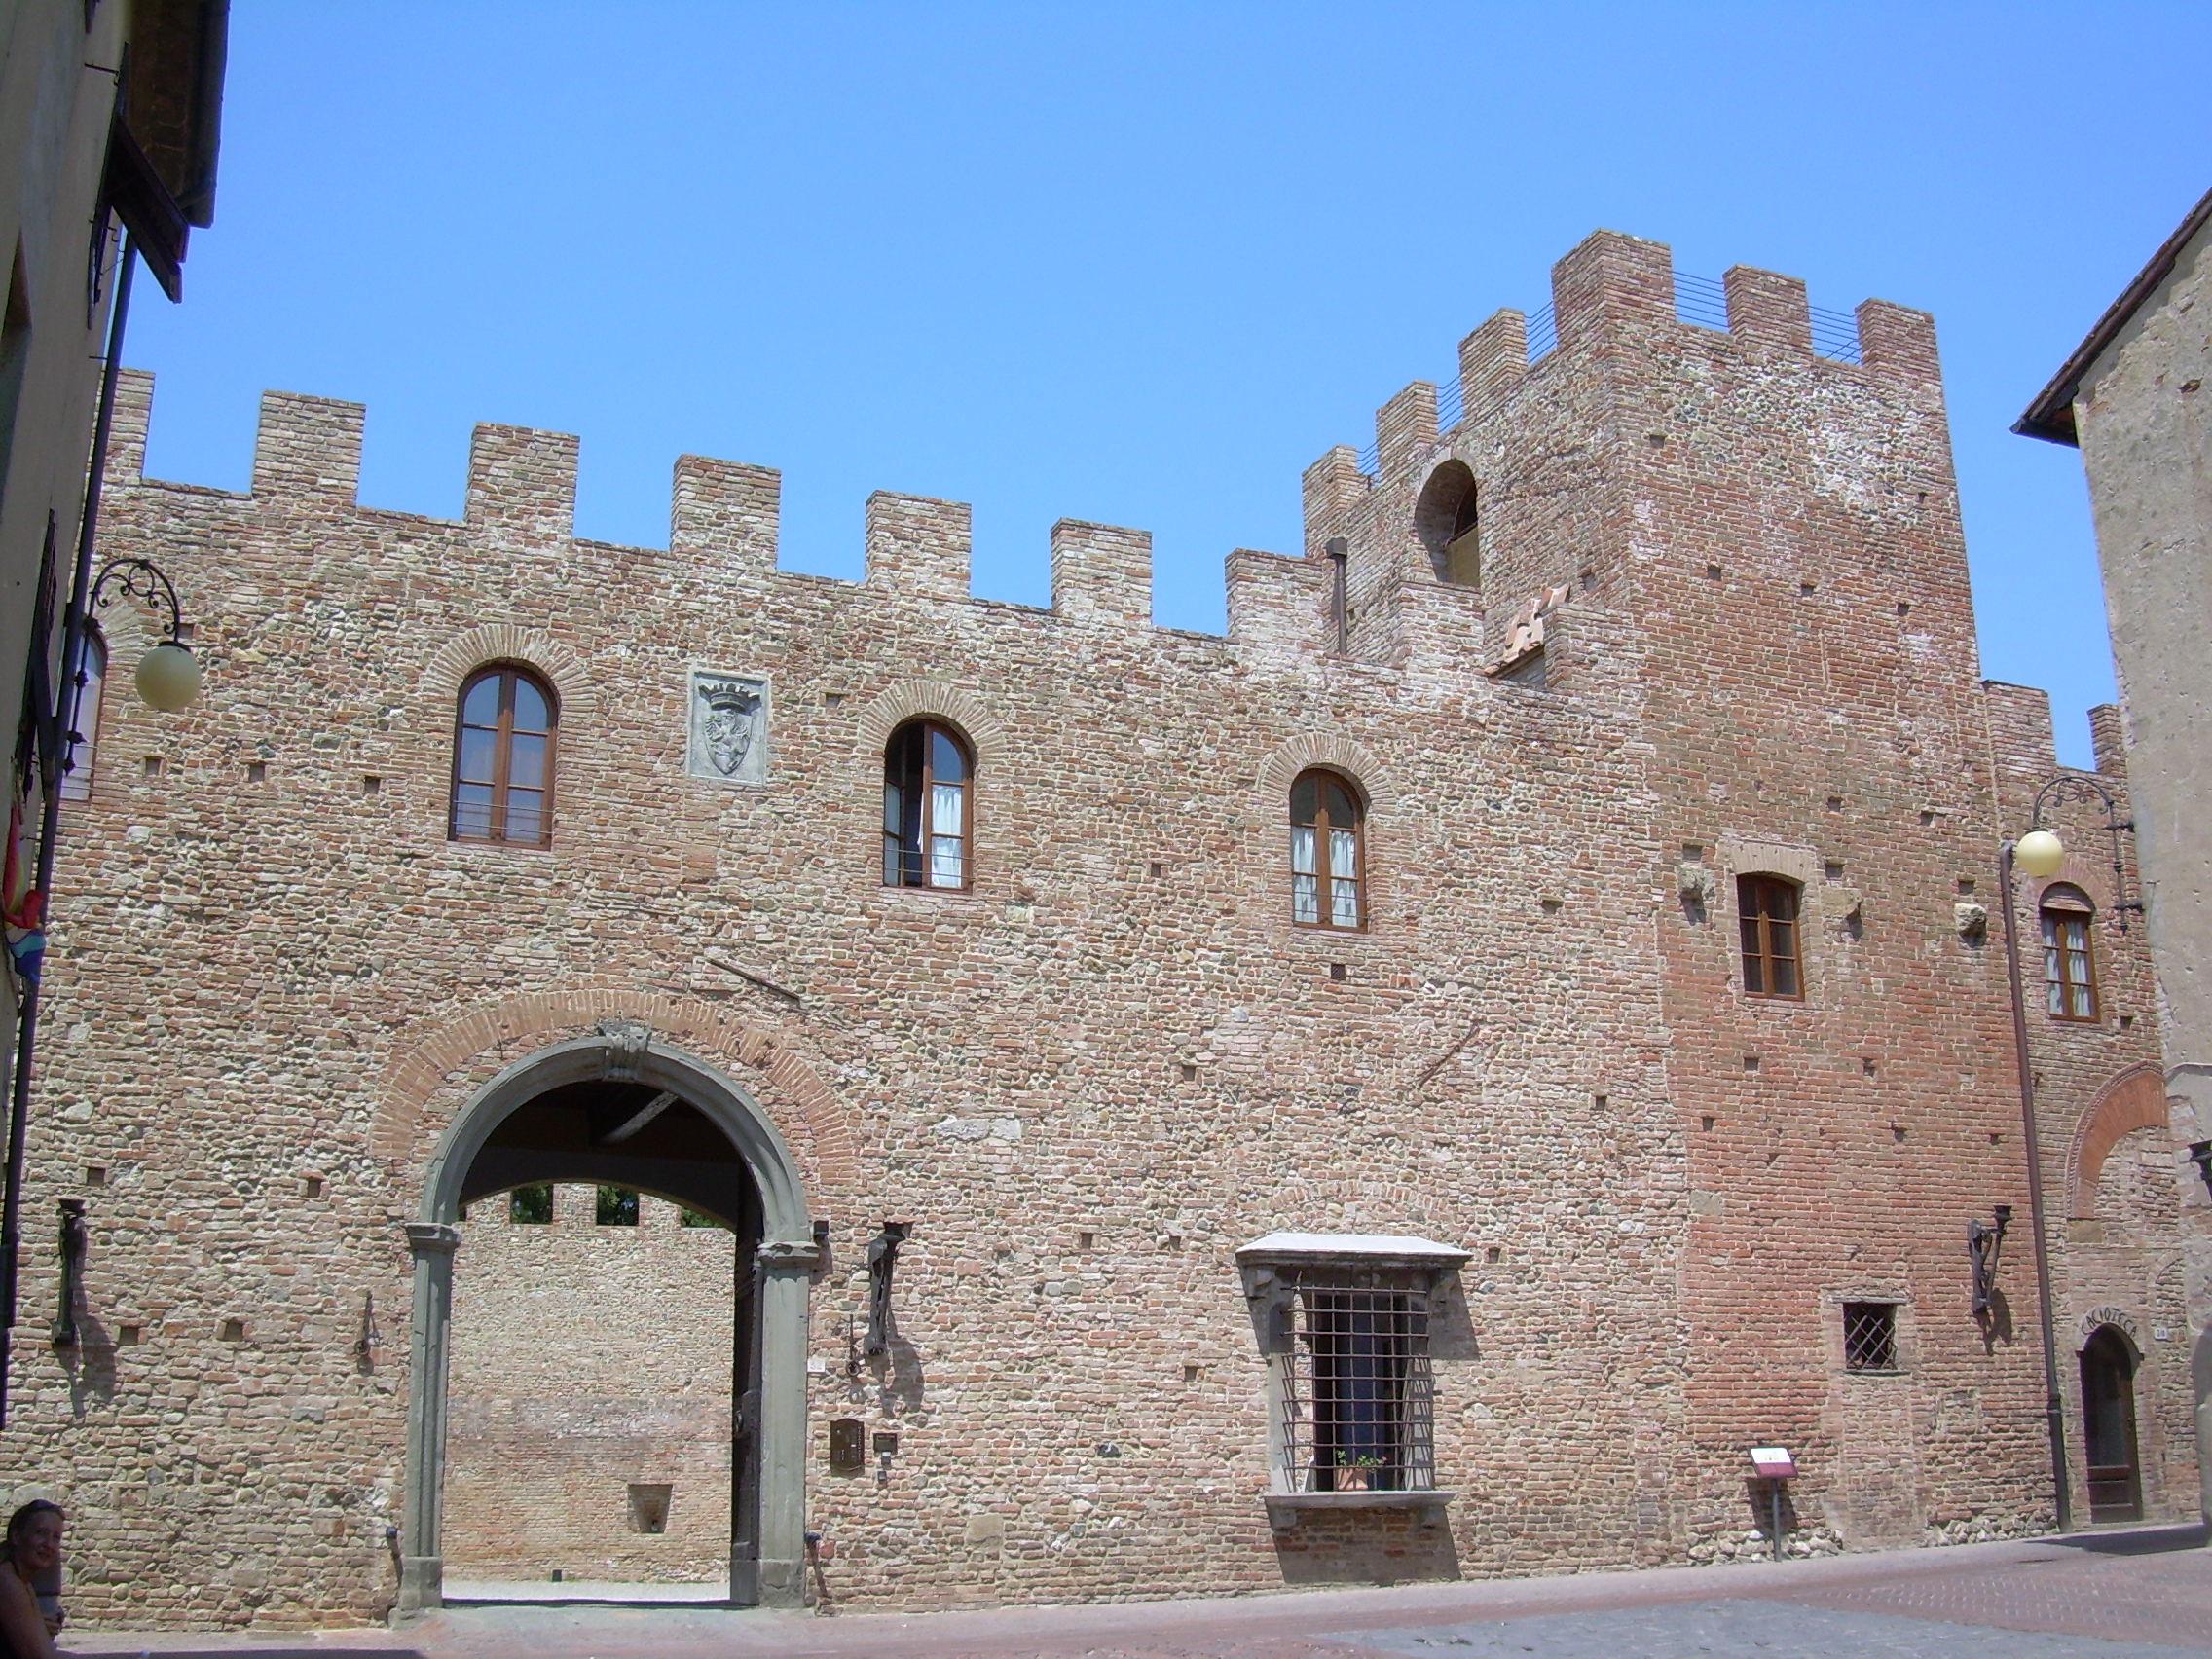 Palazzo Stiozzi Ridolfi, via Boccacccio, Certaldo Alt